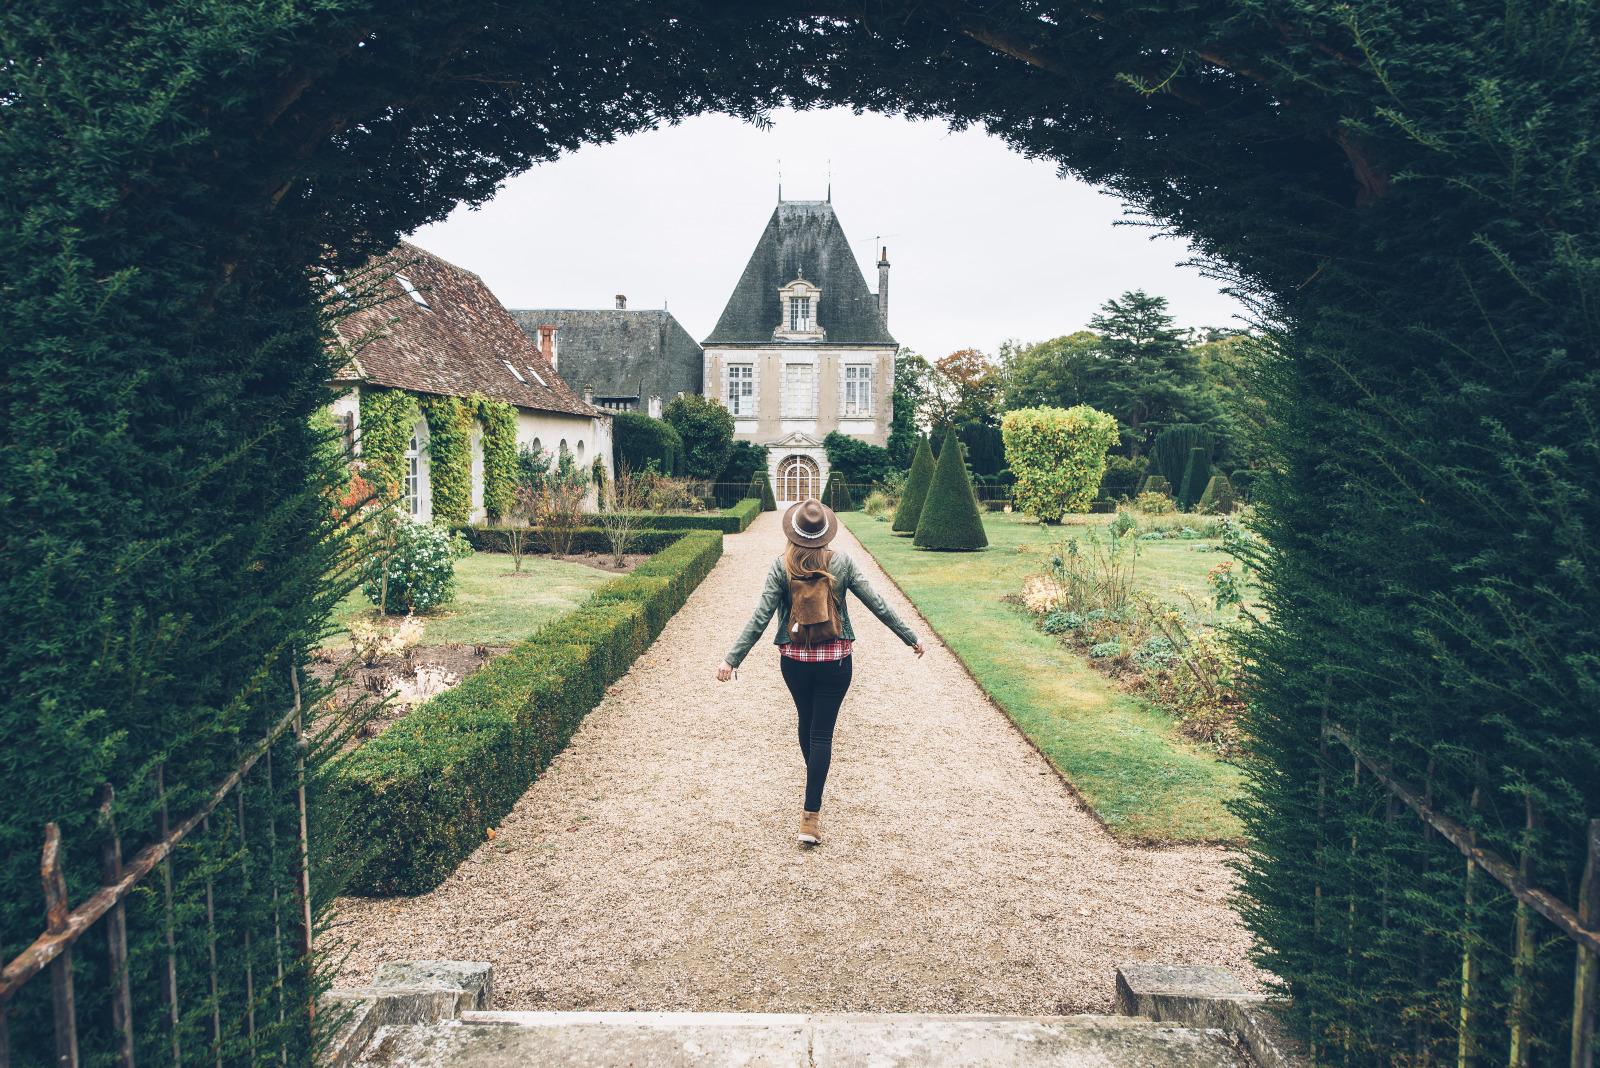 jardins d'Azay-Le-Ferron ©Bestjobers - Max Coquard